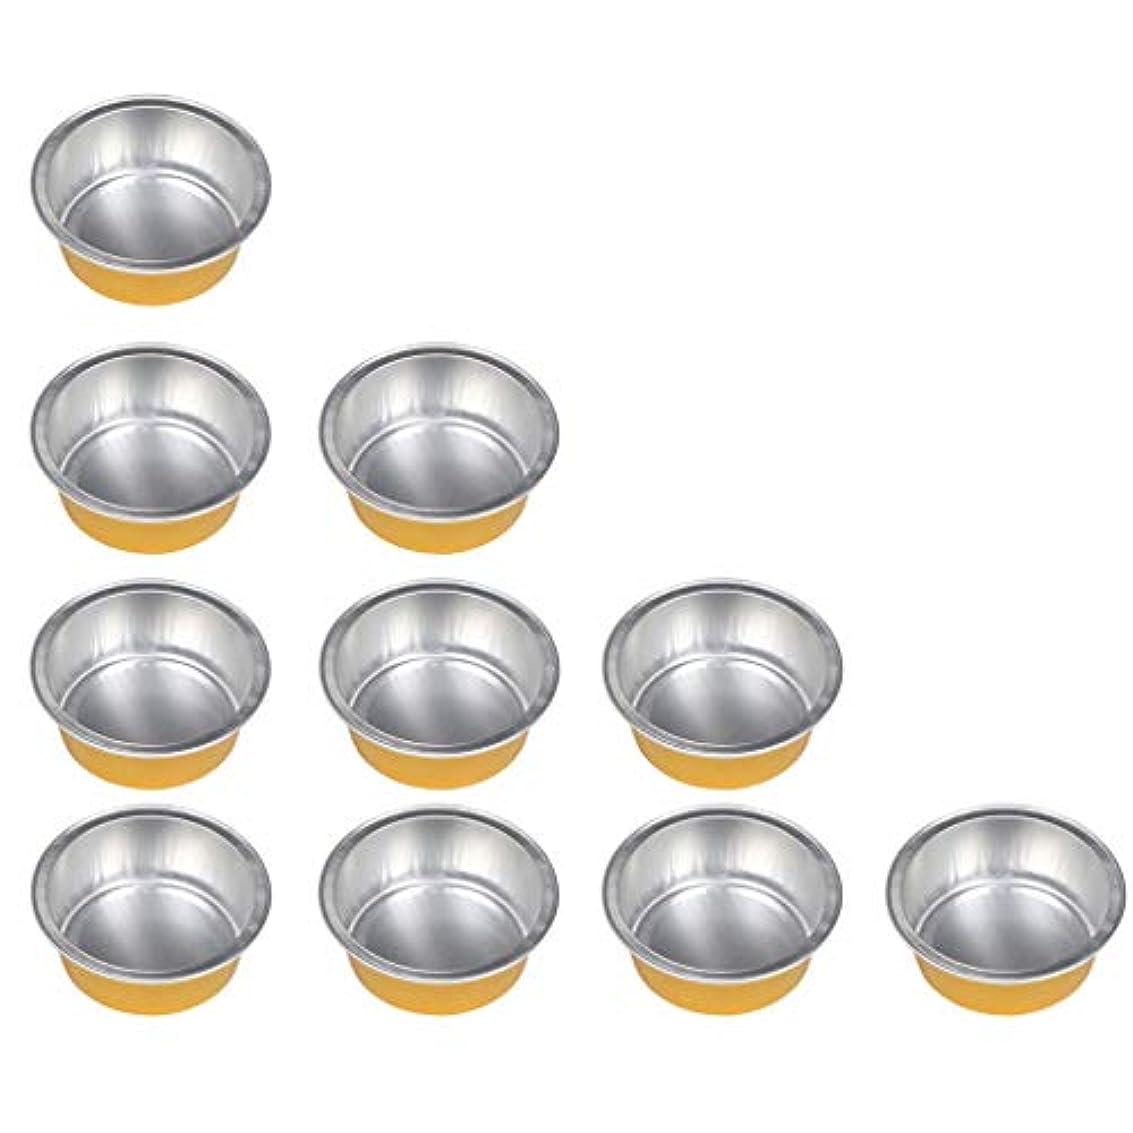 レイプ瞳大量FLAMEER 10個 ワックスボウル ミニボウル アルミホイルボウル ワックス豆体 溶融 衛生的 2種選ぶ - ゴールデン1, 01